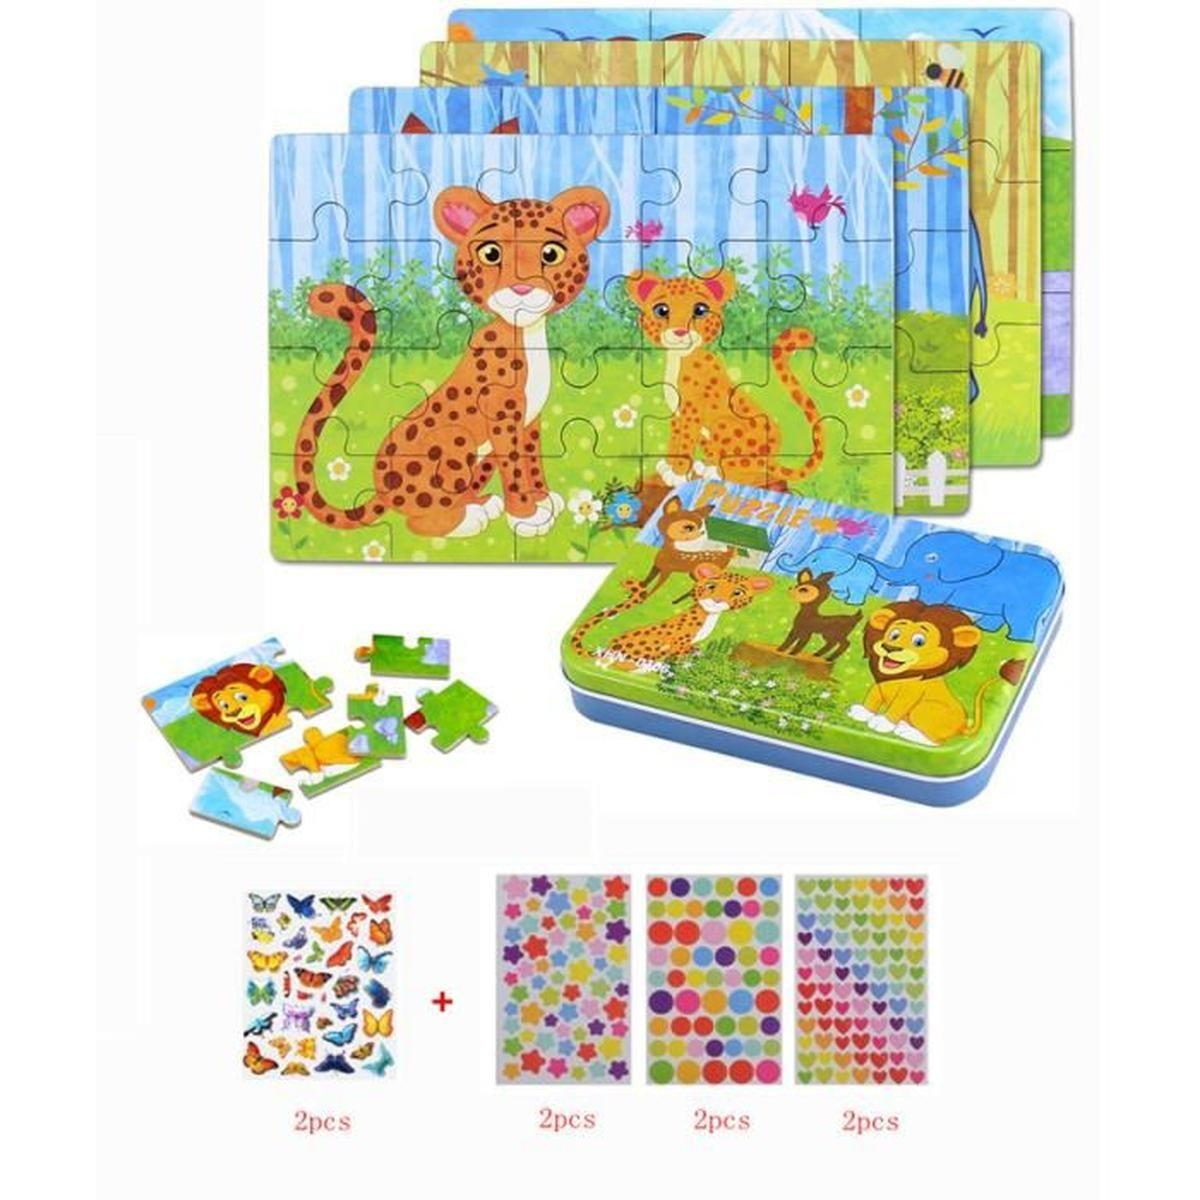 Jeux Et Jouets Uping Puzzle Magnetique Bois Avec Tableau concernant Jeux Pour Un Enfant De 3 Ans